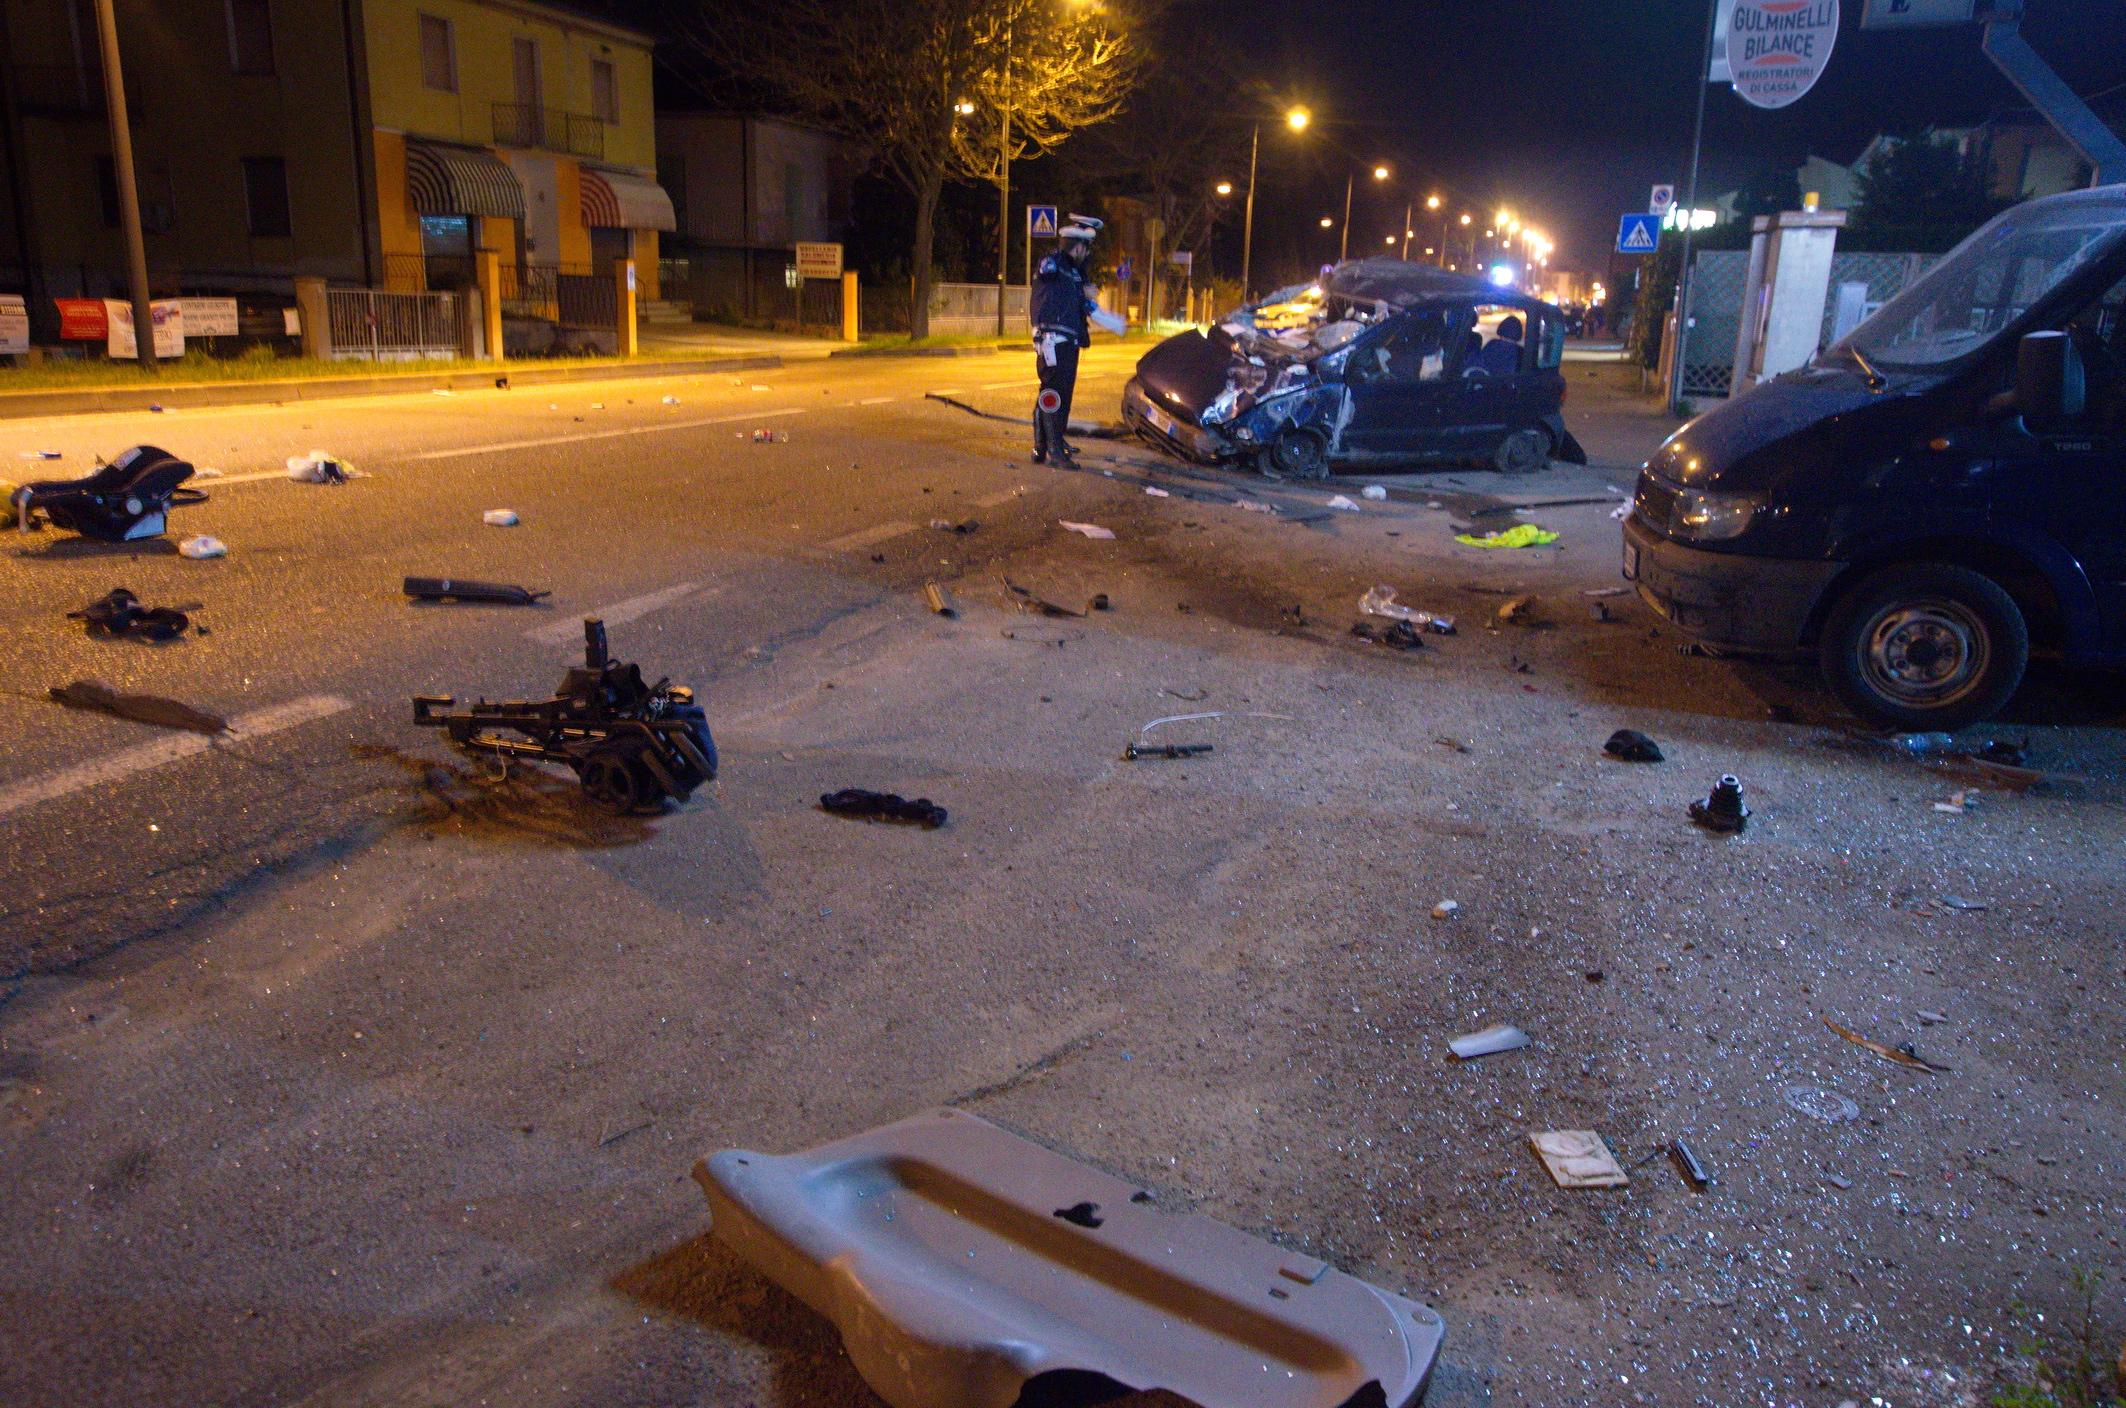 Lugo alcol e velocit dietro alla tragedia di via de for Libertas nuoto lugo